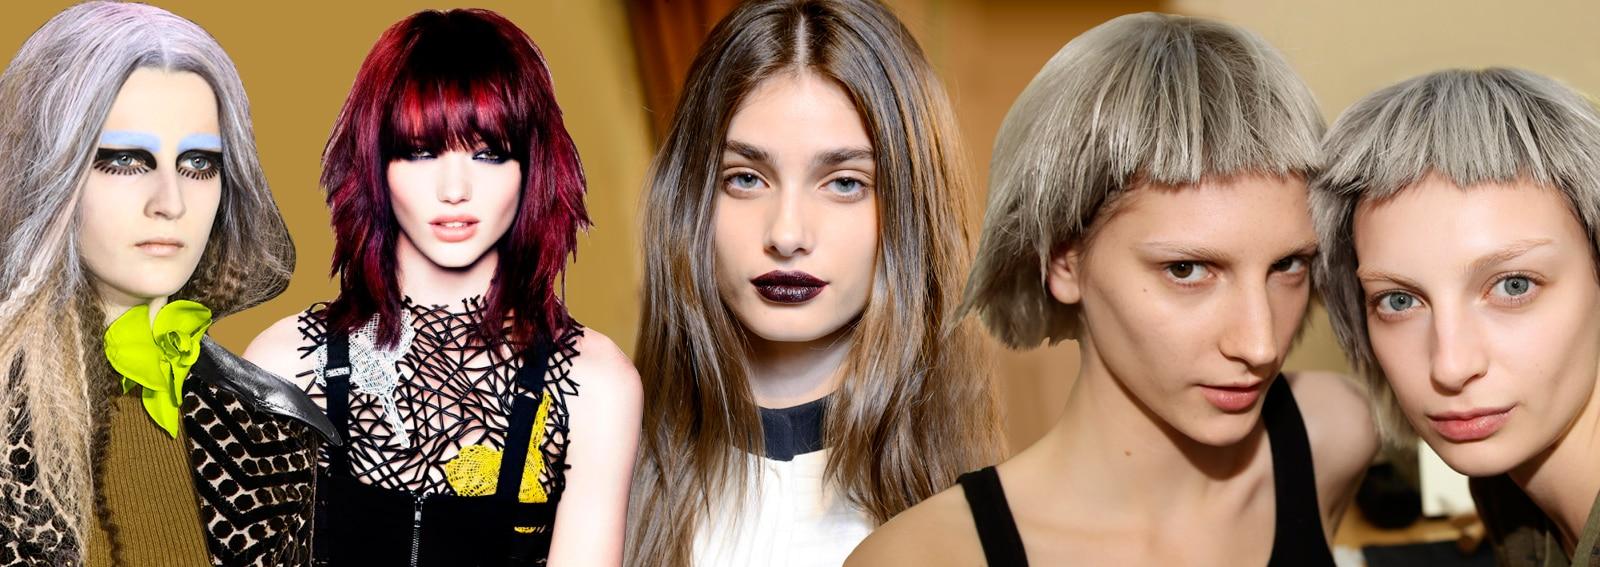 cover-tagli-di-capelli-grunge-ispirazioni-desktop